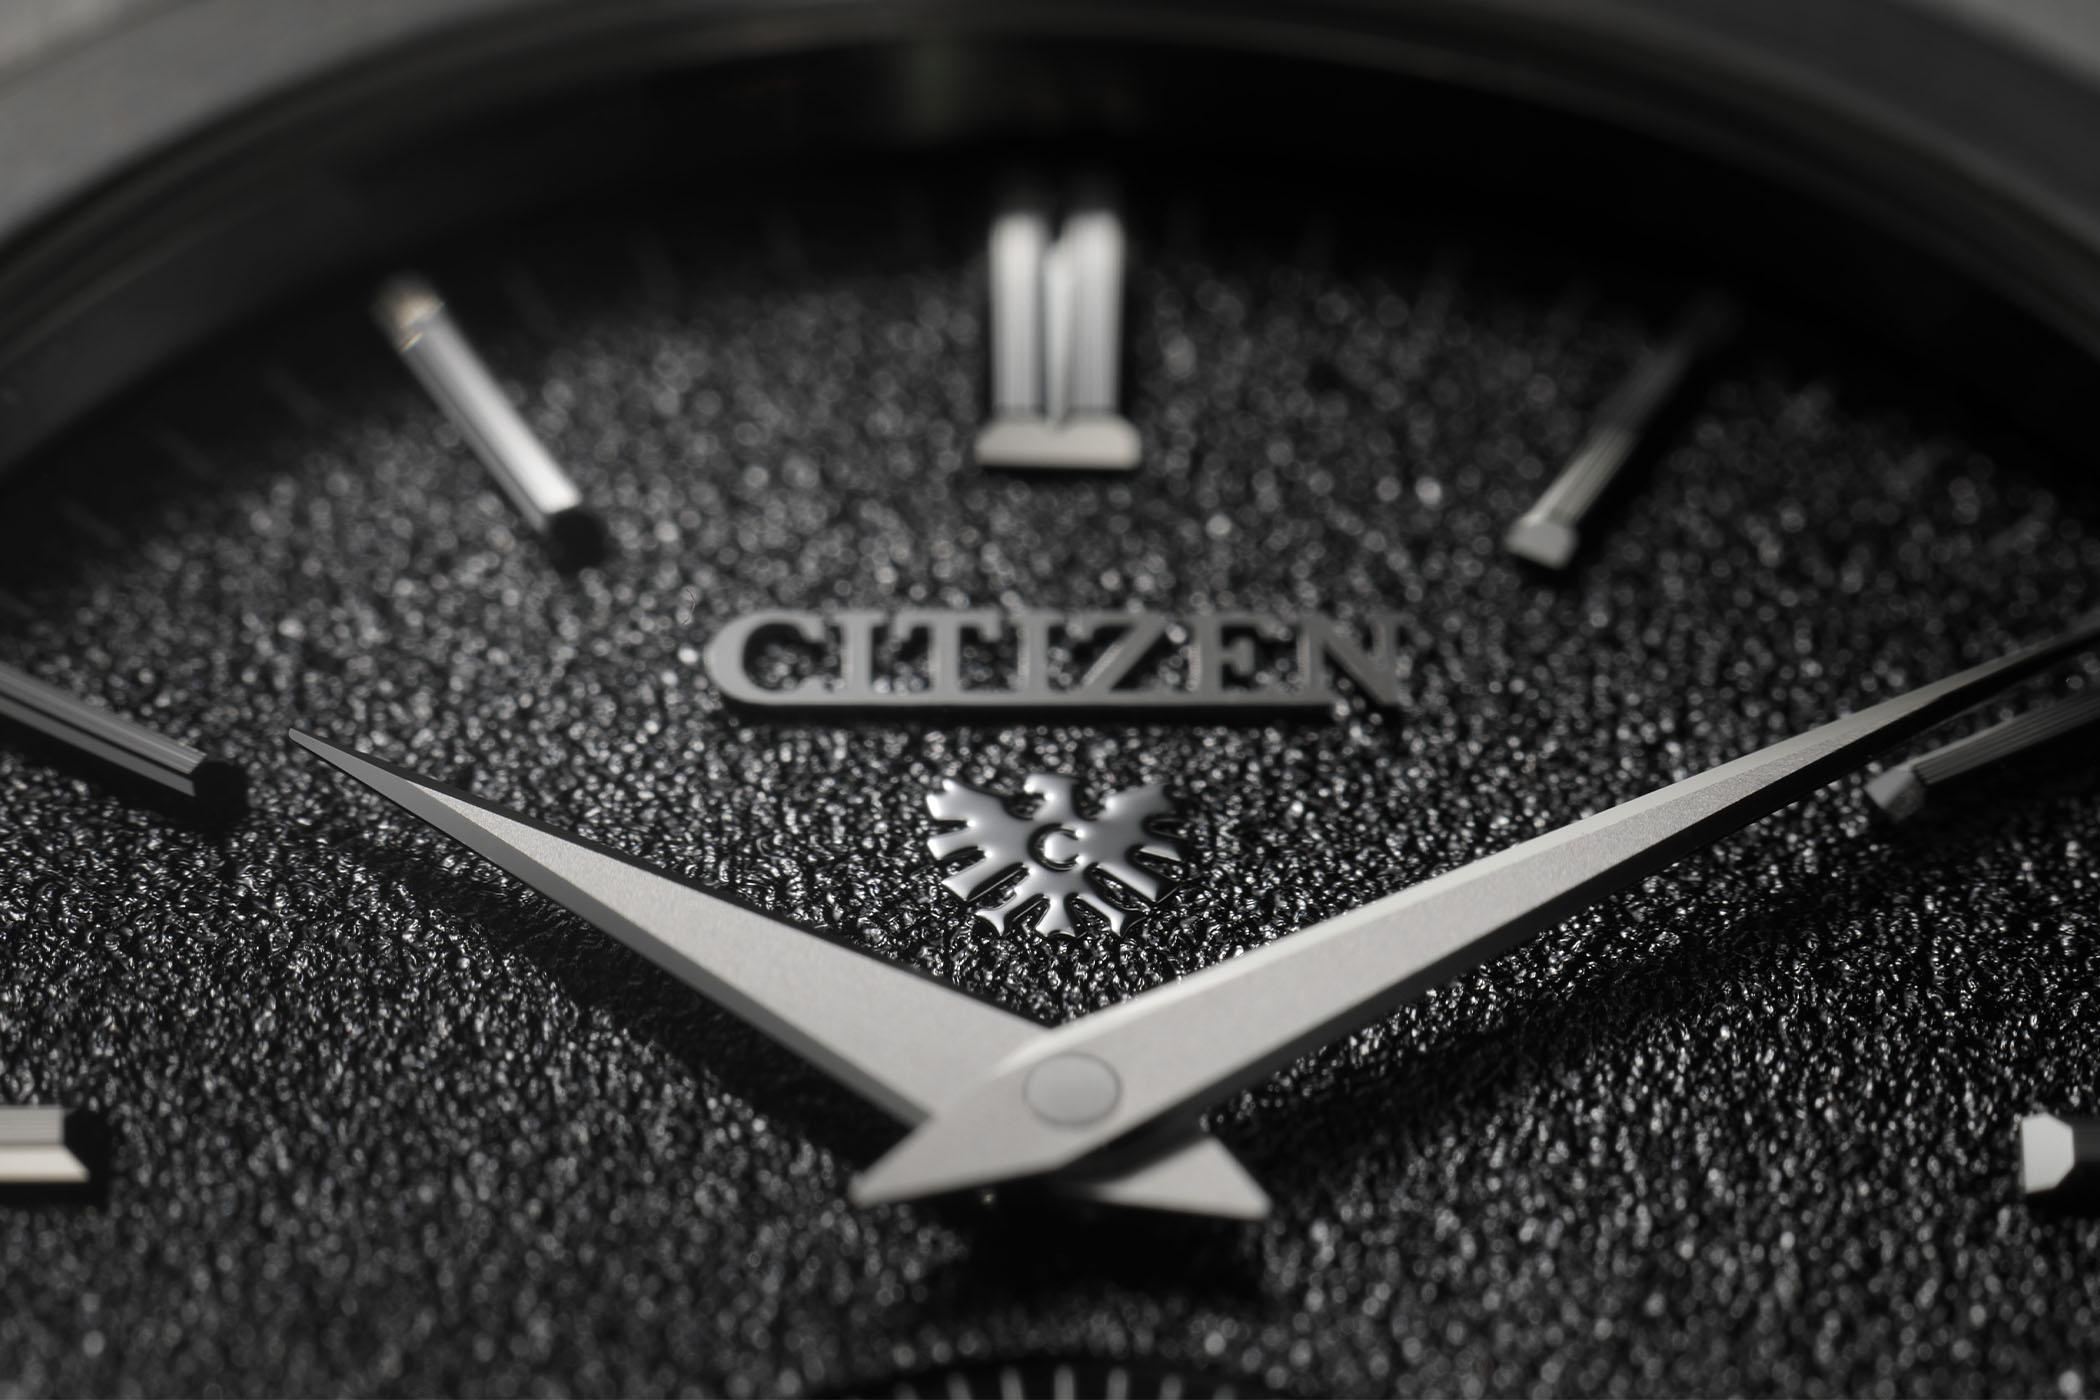 2021-Citizen-Mechanical-Model-Calibre-0200-In-house-La-Joux-Perret-NC0200-90E-7.jpg